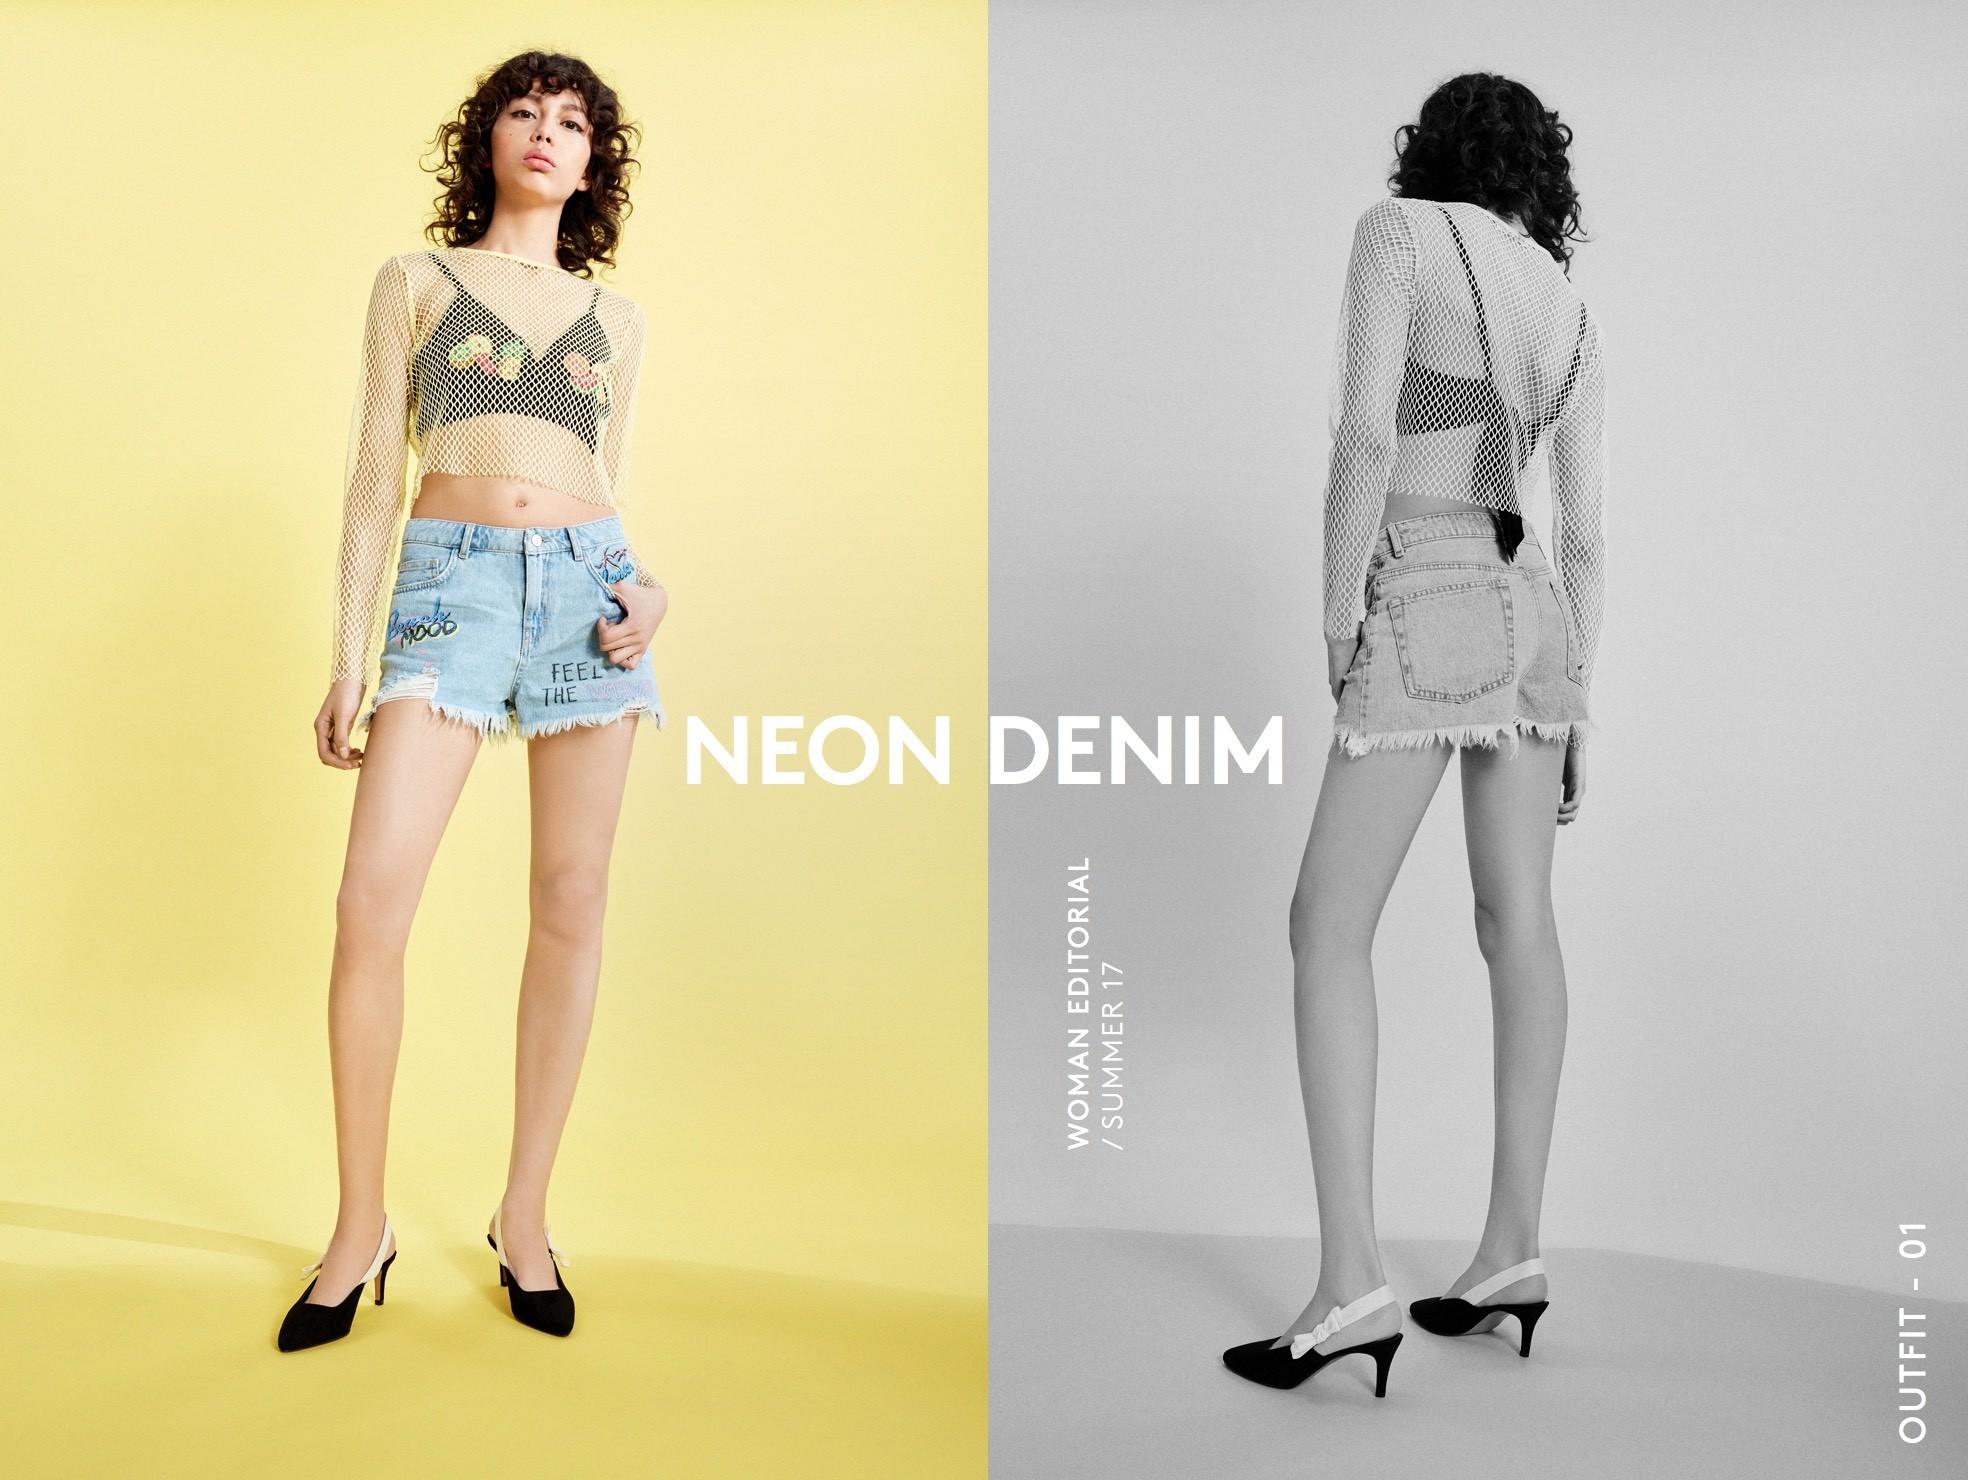 Lefties Neon Denim lookbook